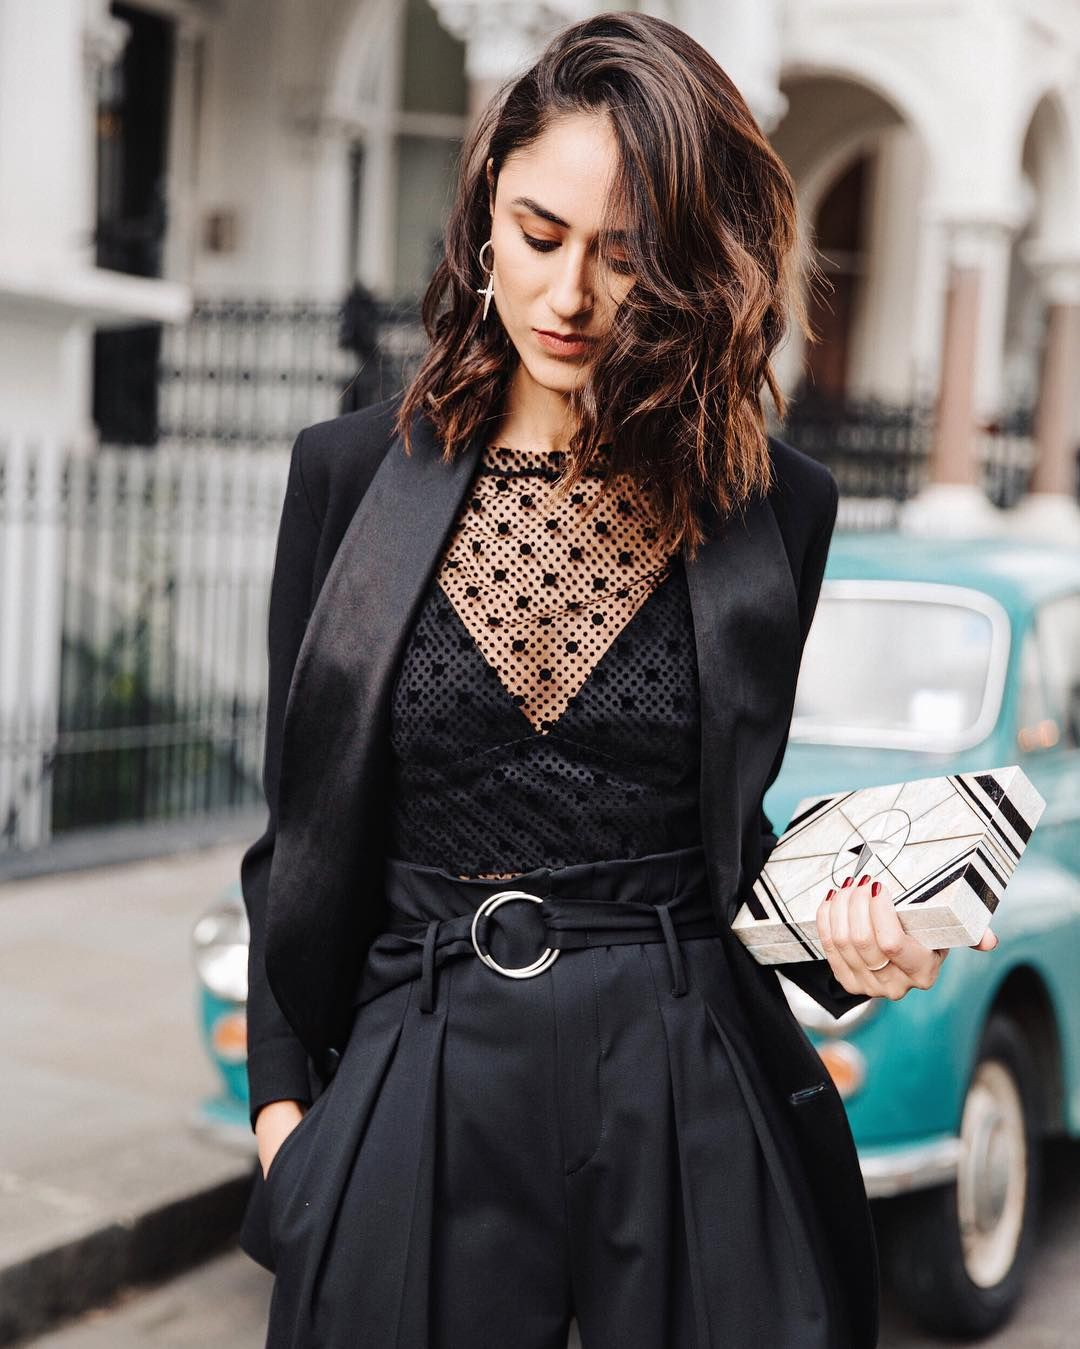 Trucs de tenue pour les femmes qui préfèrent porter du noir | Freundin.de   – Fashion woman